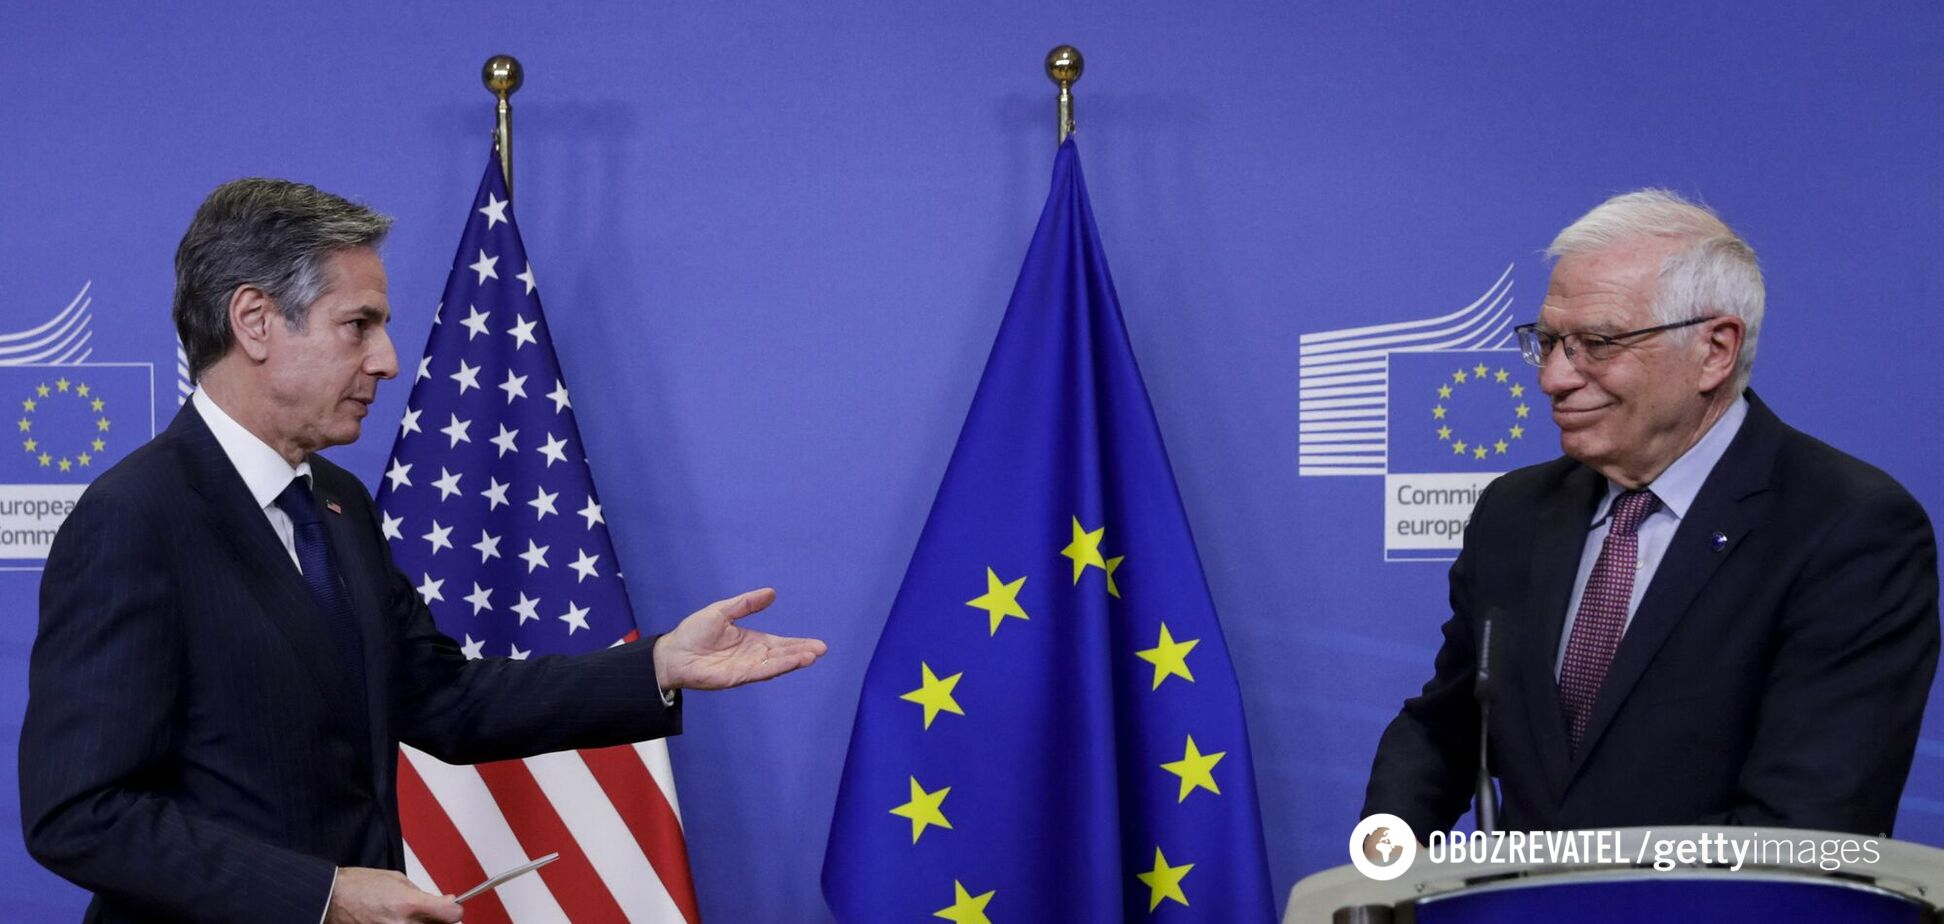 ЄС і США домовилися протистояти РФ, підтримуючи Україну